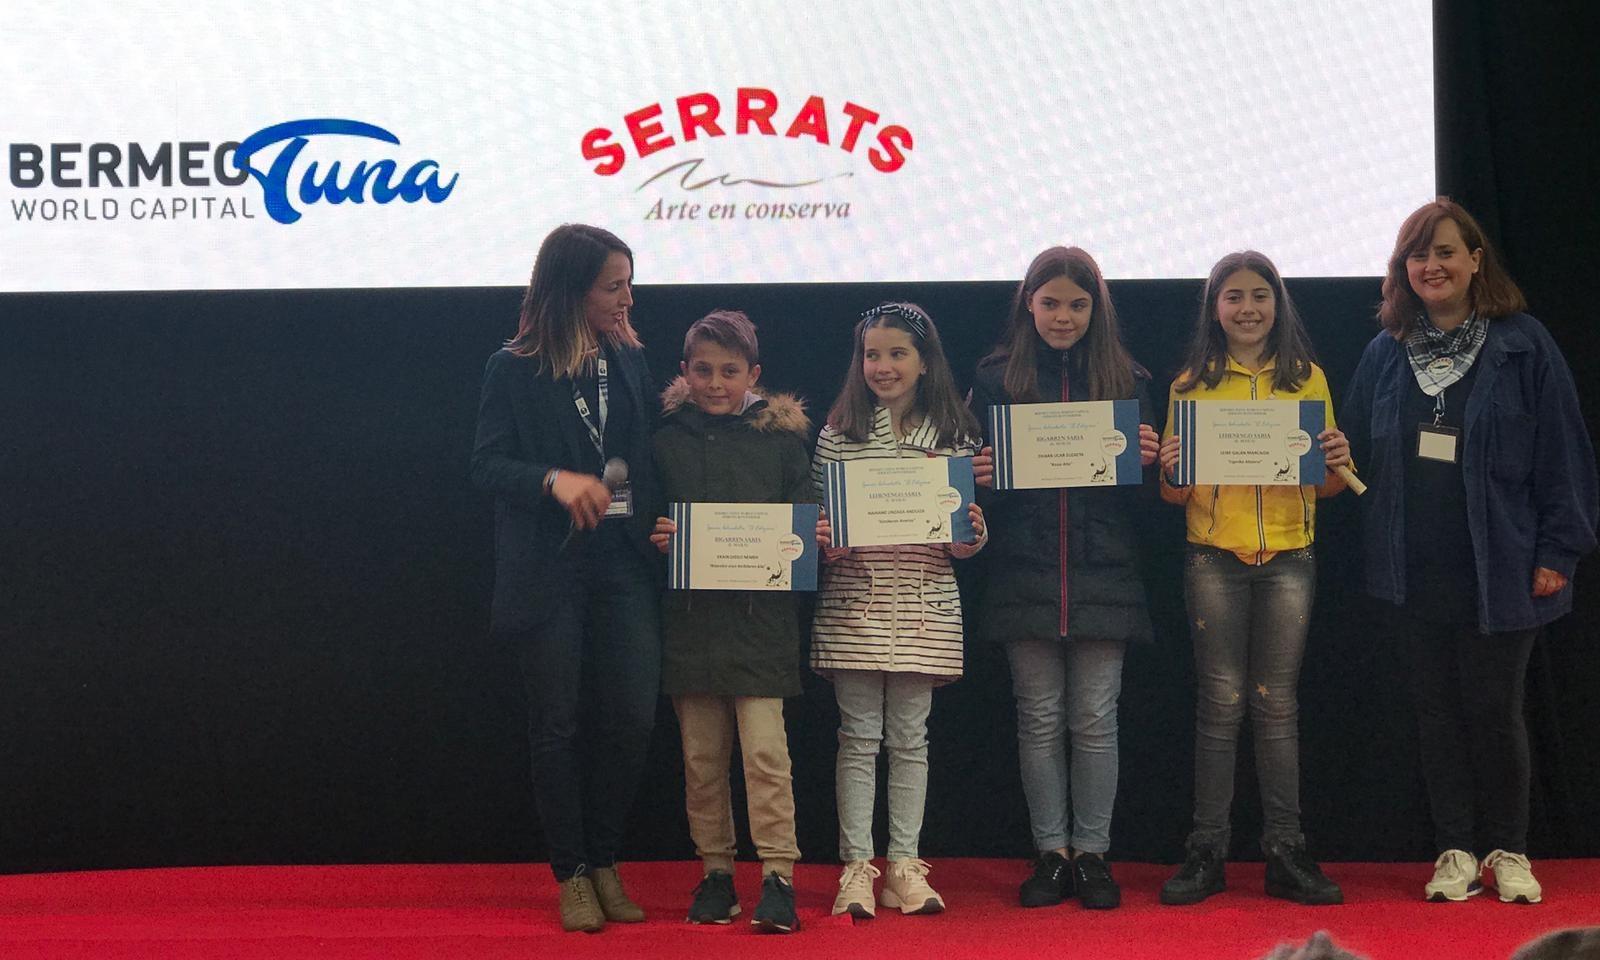 Entrega de premios del concurso de cuentos Bermeo Tuna World Capital Serrats